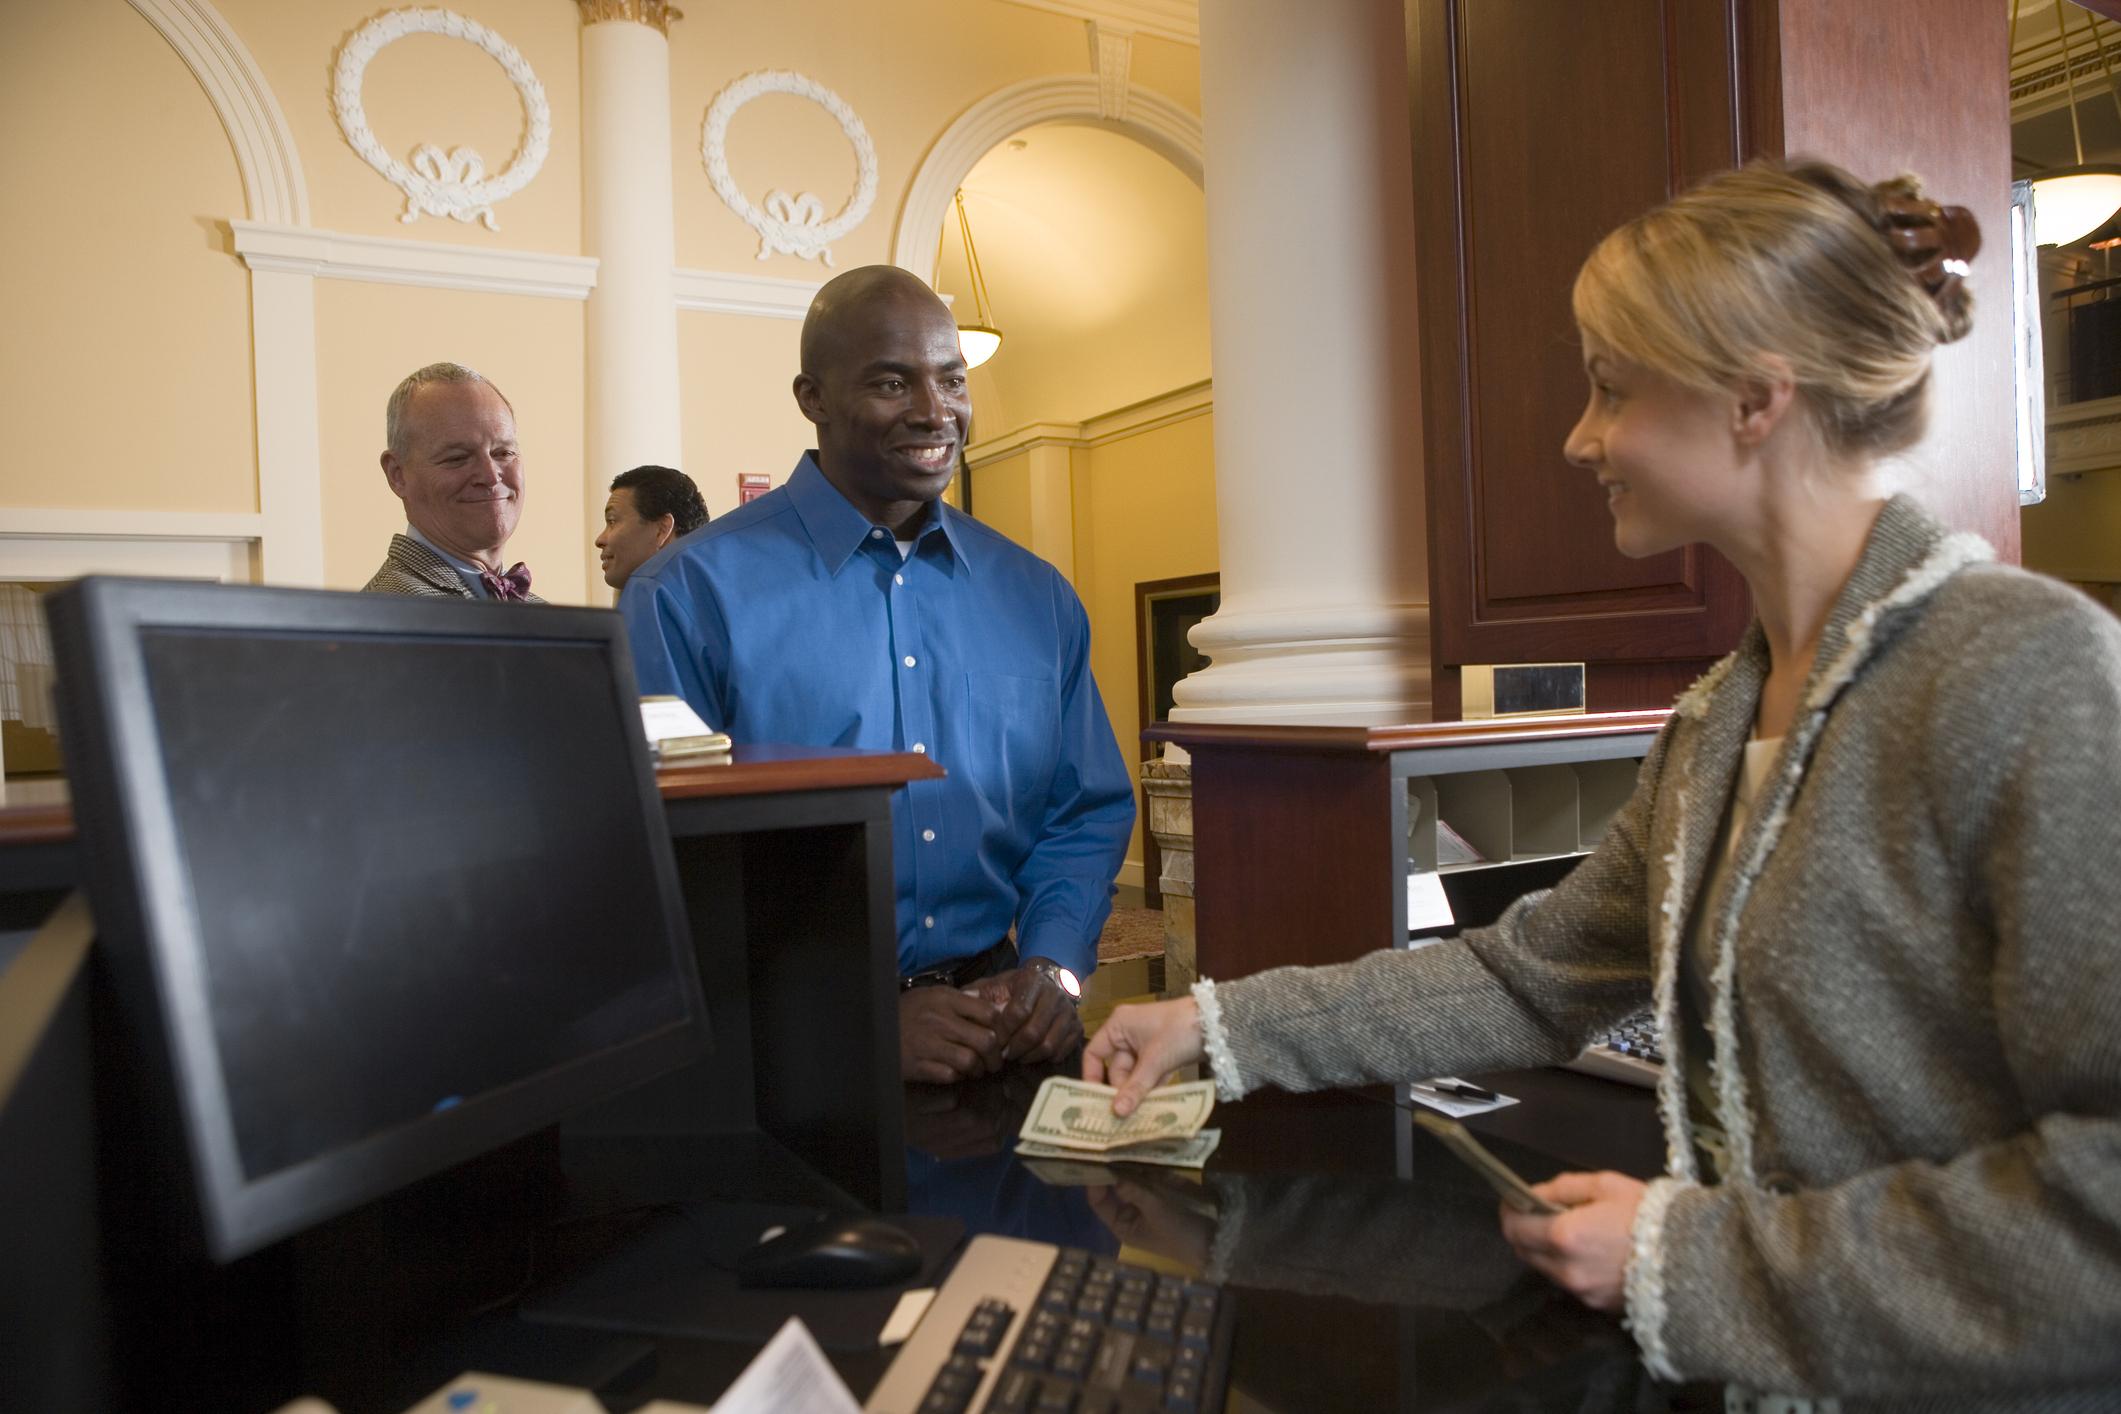 A bank teller helping a customer.